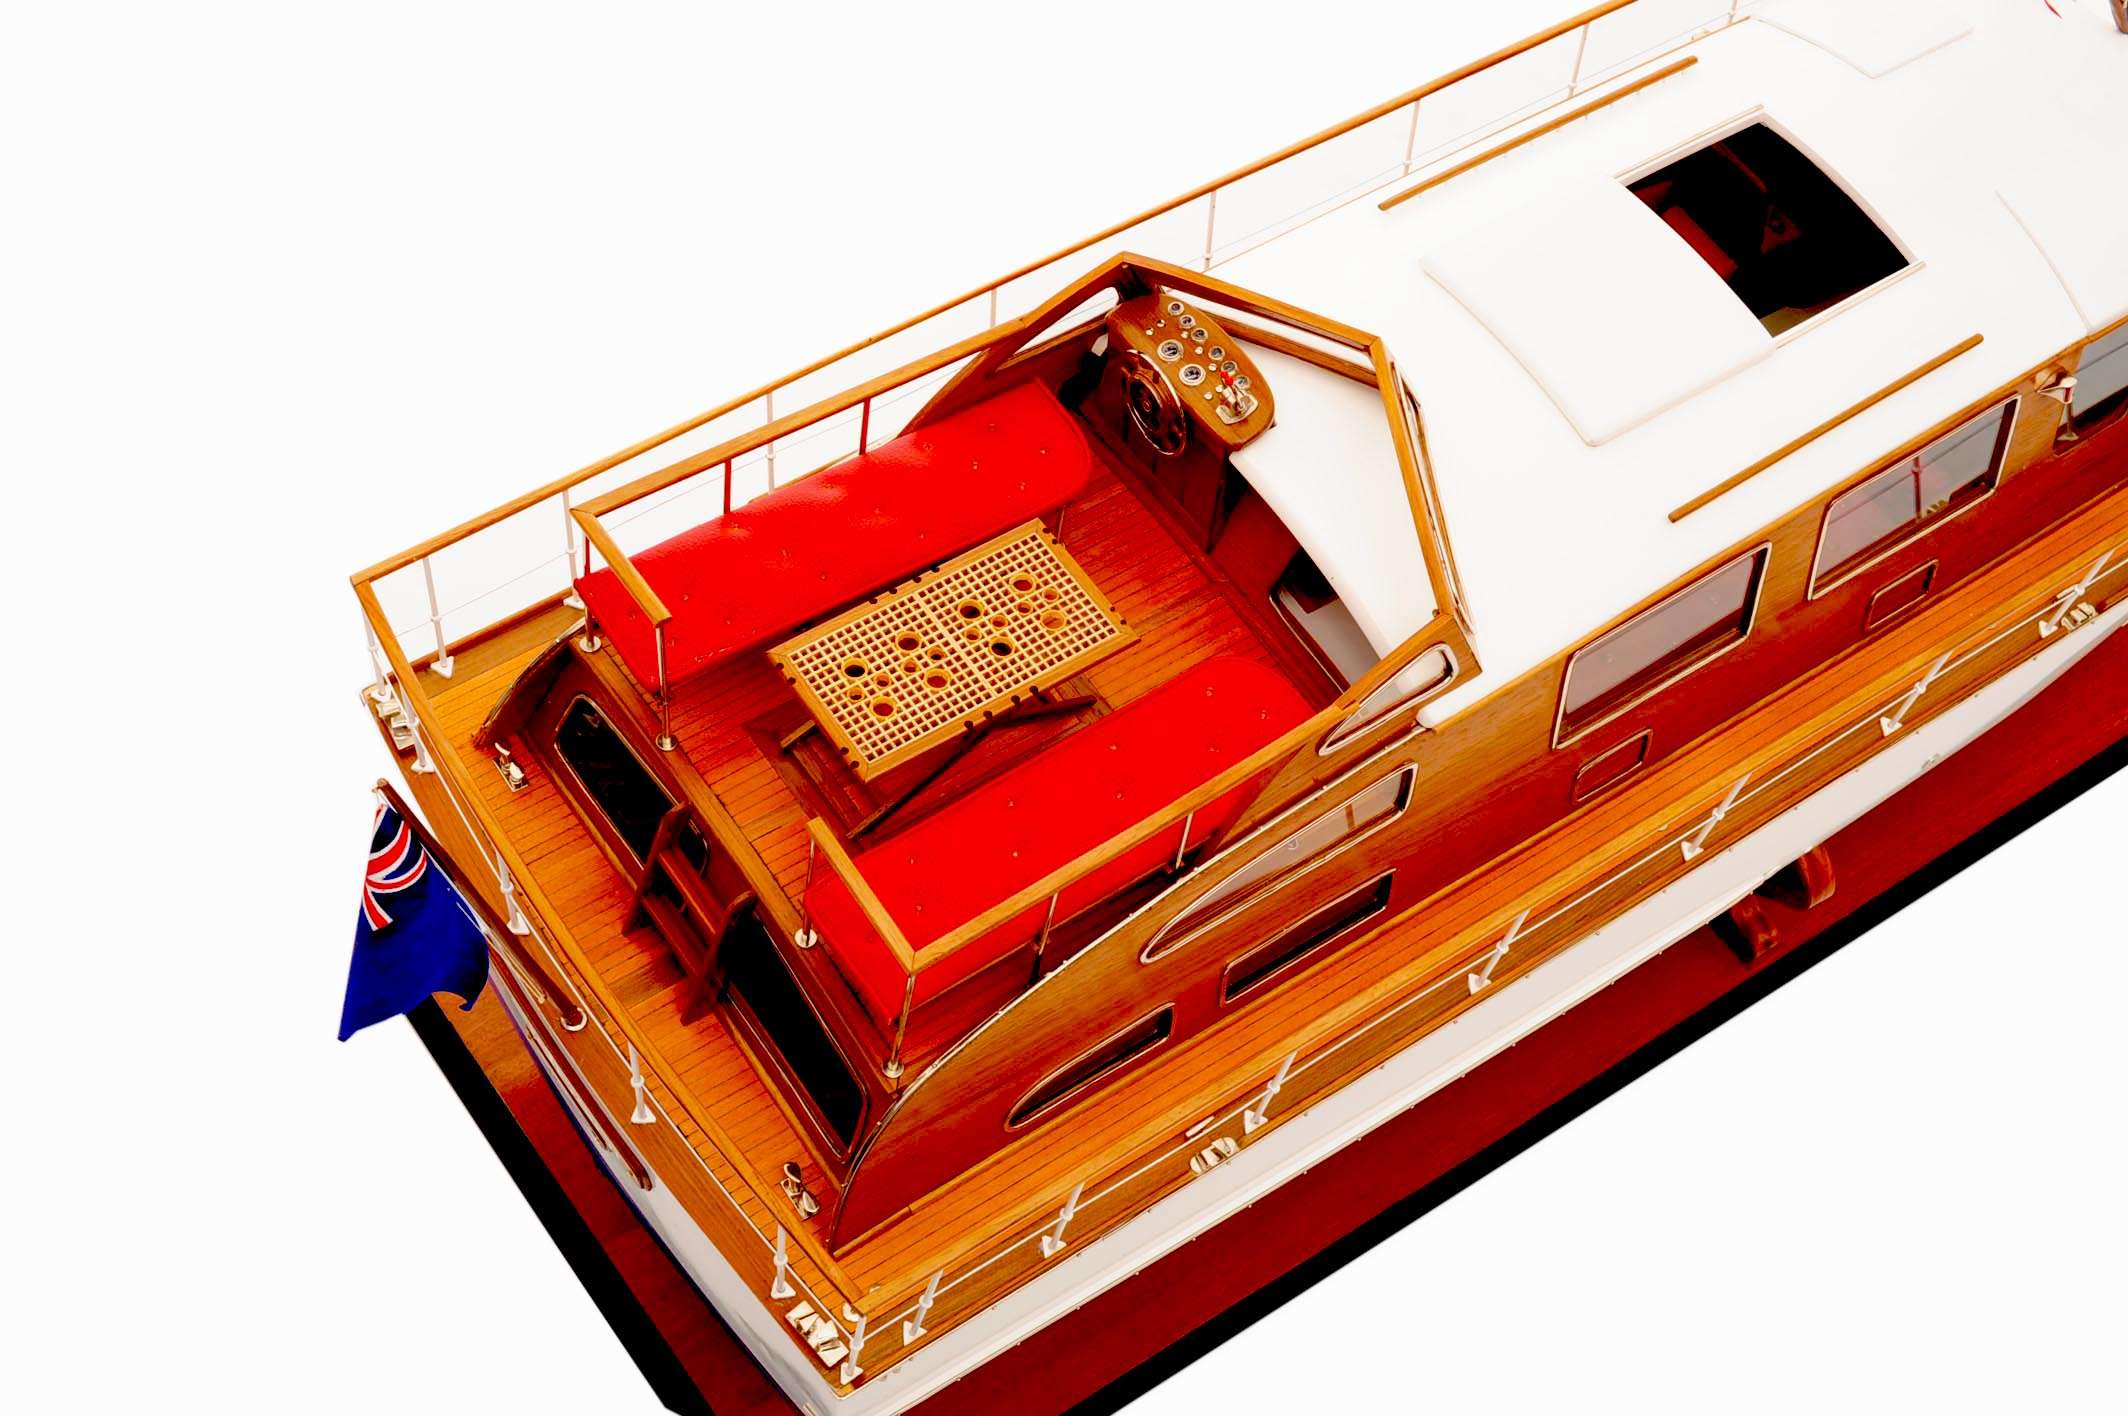 1473-4391-Starcraft-40-Model-Boat-Rajdhani